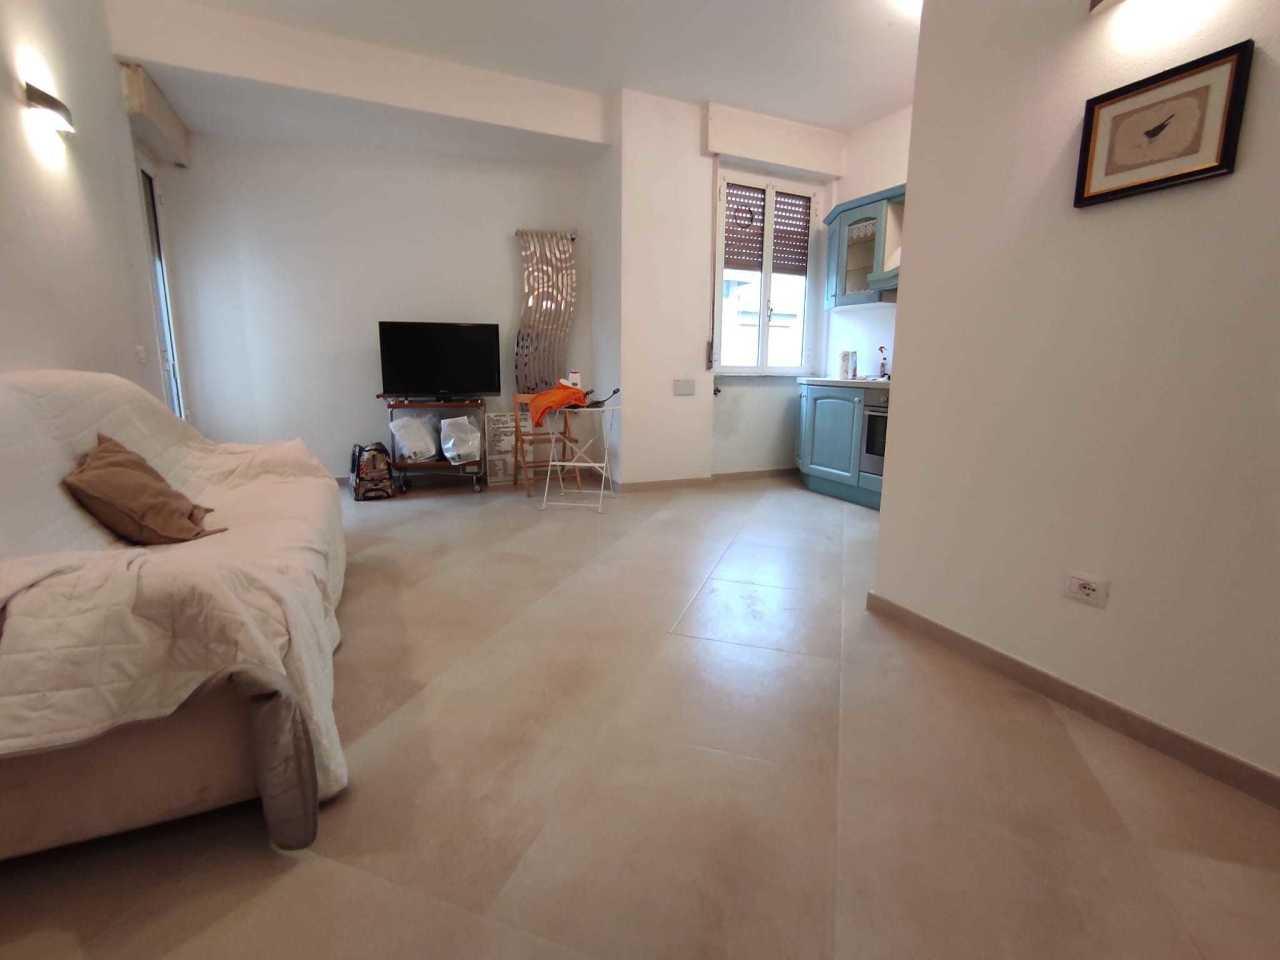 Appartamento in vendita a Sarzana, 3 locali, prezzo € 140.000 | PortaleAgenzieImmobiliari.it